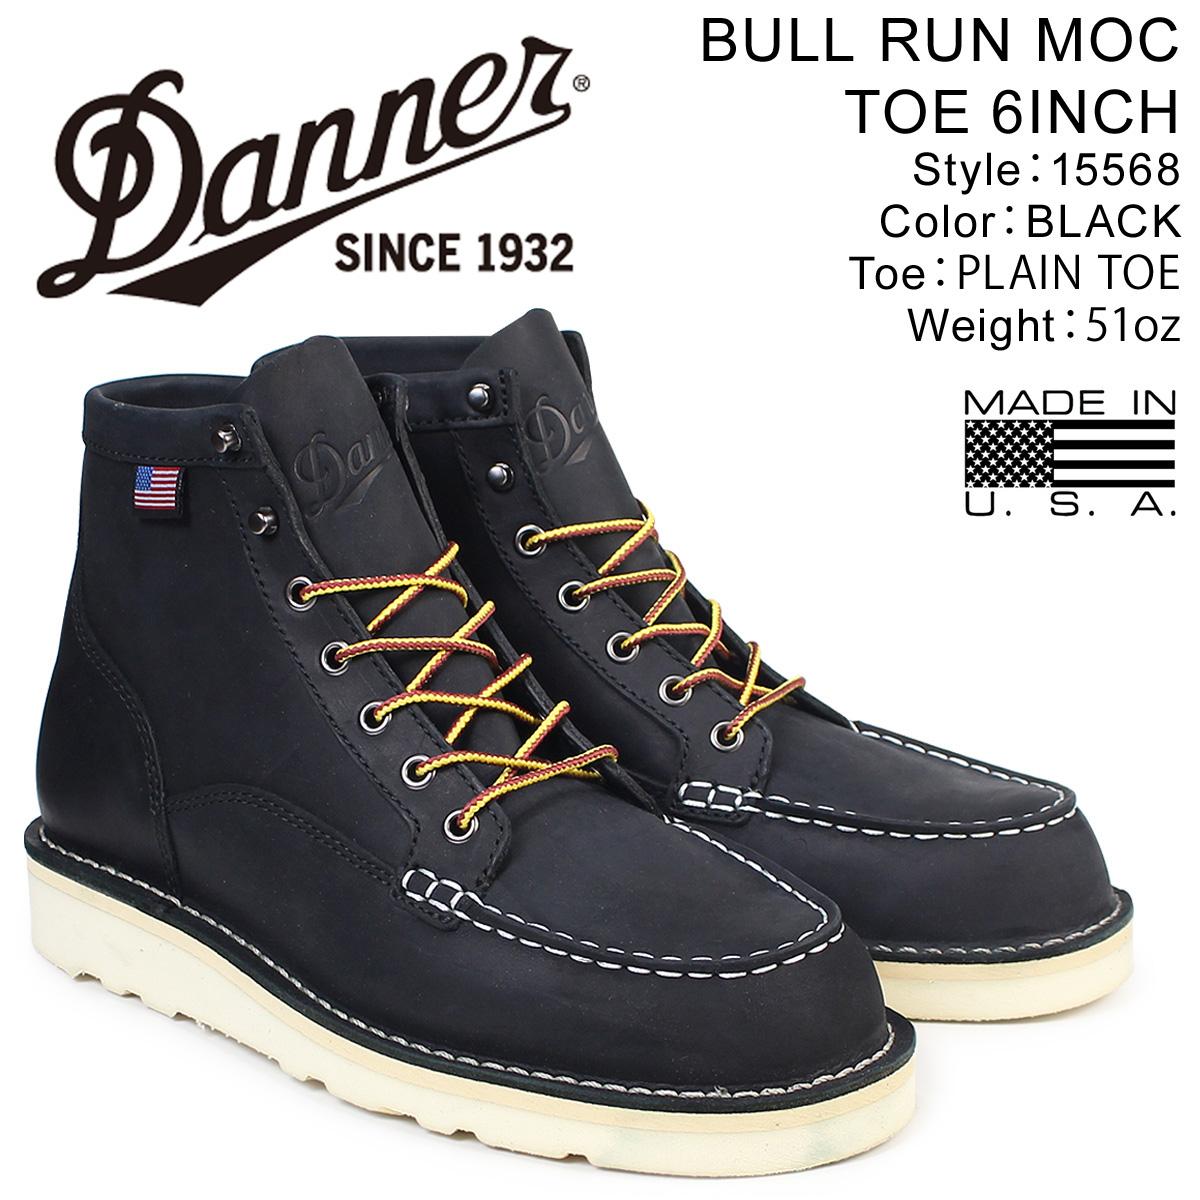 【最大2000円OFFクーポン】 ダナー Danner ブーツ BULL RUN MOC TOE 6INCH 15568 EEワイズ メンズ ブラック